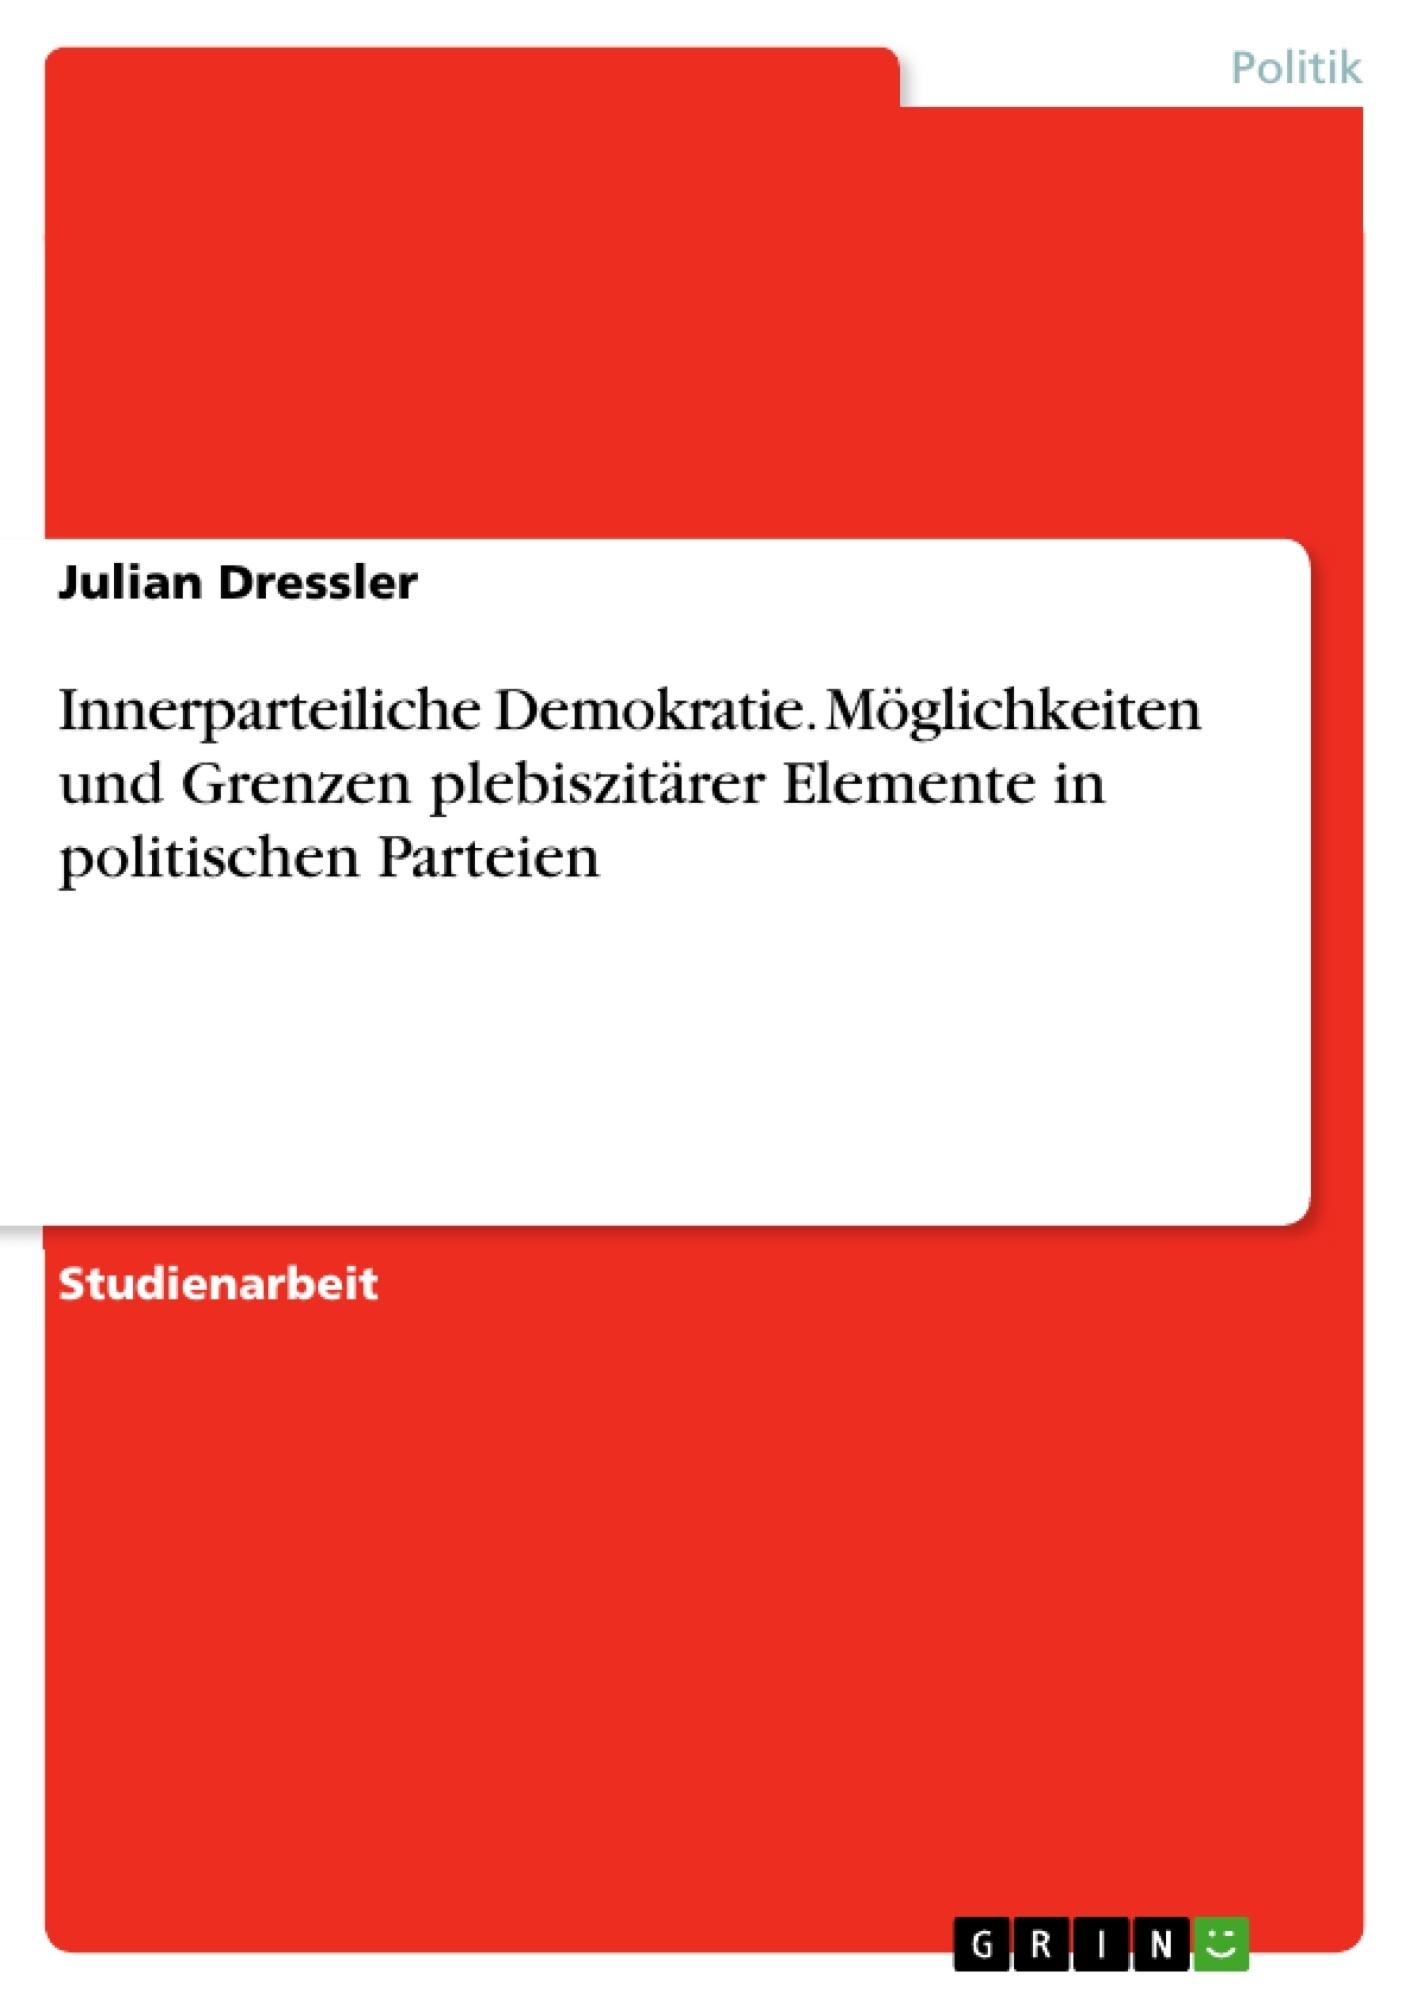 Titel: Innerparteiliche Demokratie. Möglichkeiten und Grenzen plebiszitärer Elemente in politischen Parteien